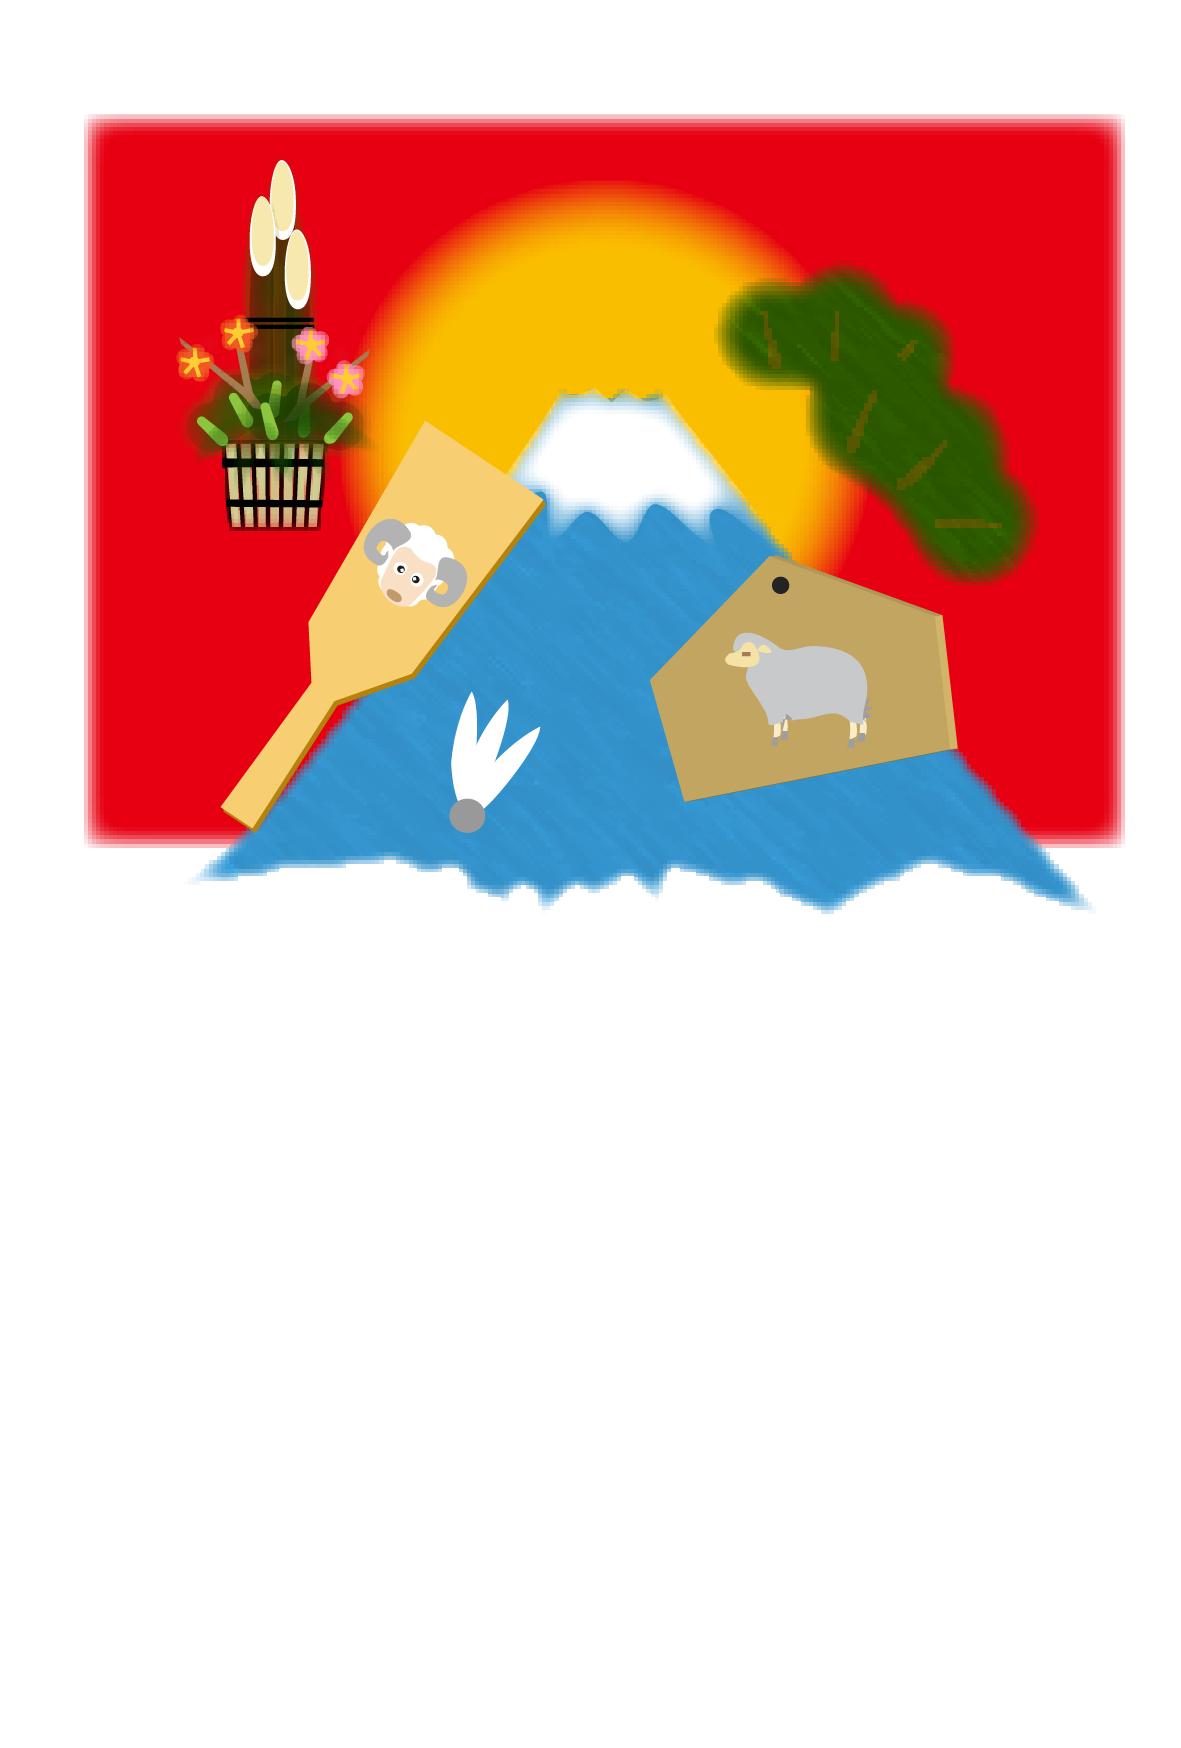 富士山と初日の出と正月を表す品々(文字なし)